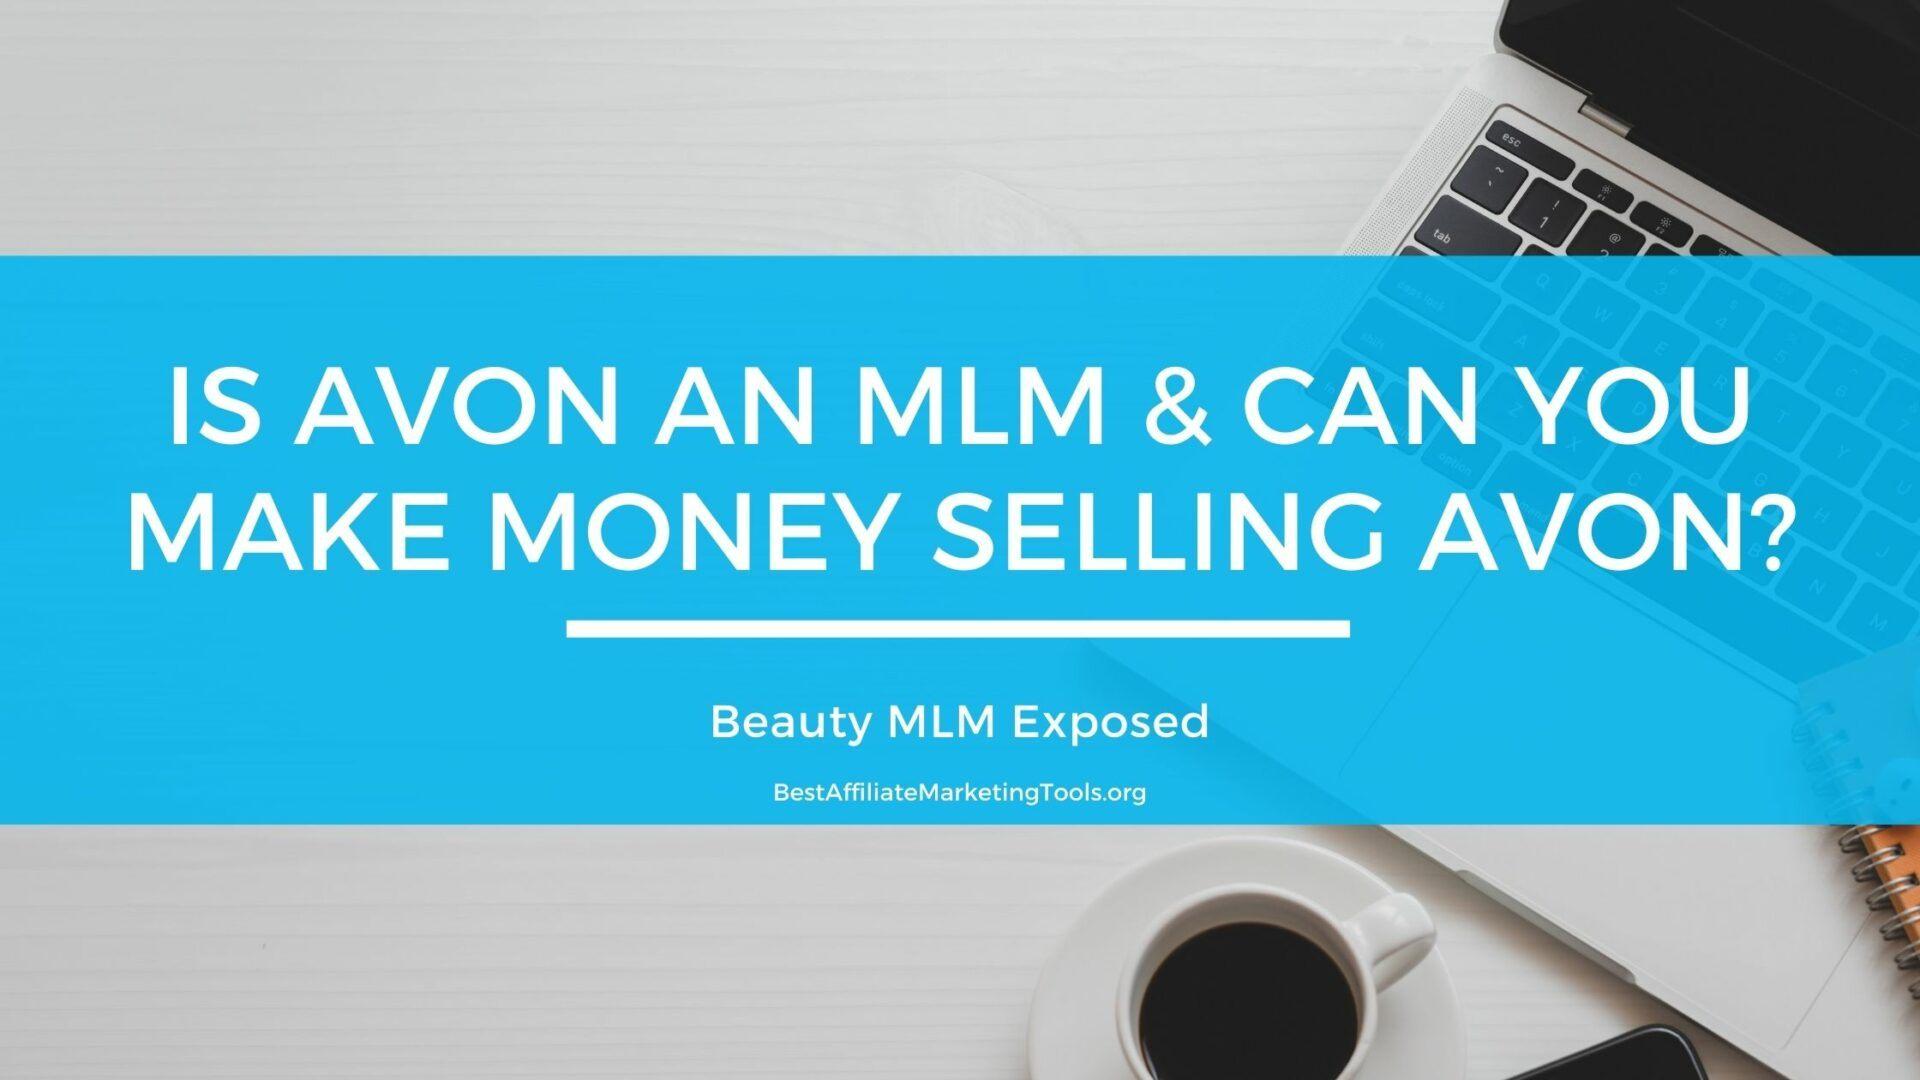 Is AVON an MLM